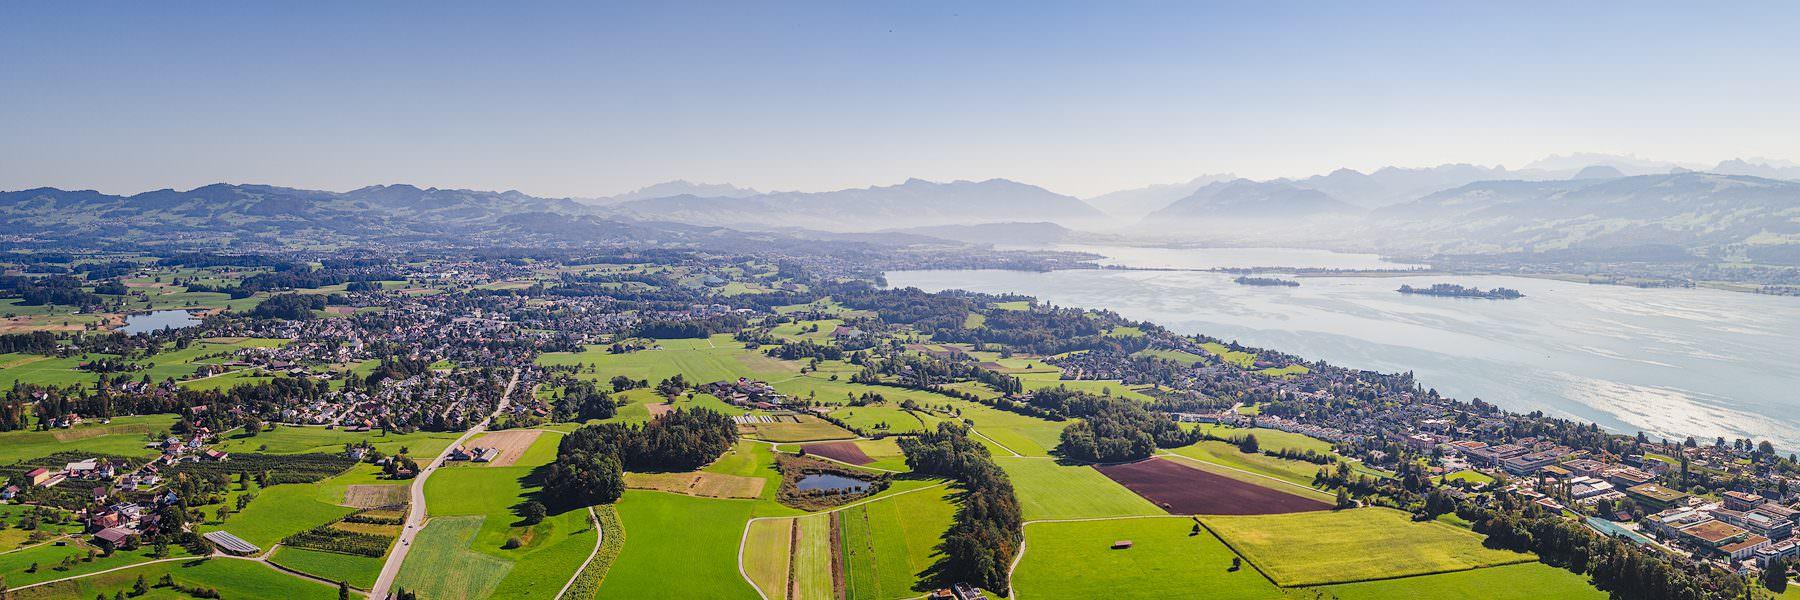 Luftaufnahme mit Blick auf die Linthebene Stäfa, Hombrechtikon, Rapperswil, Obersee, Glarneralpen